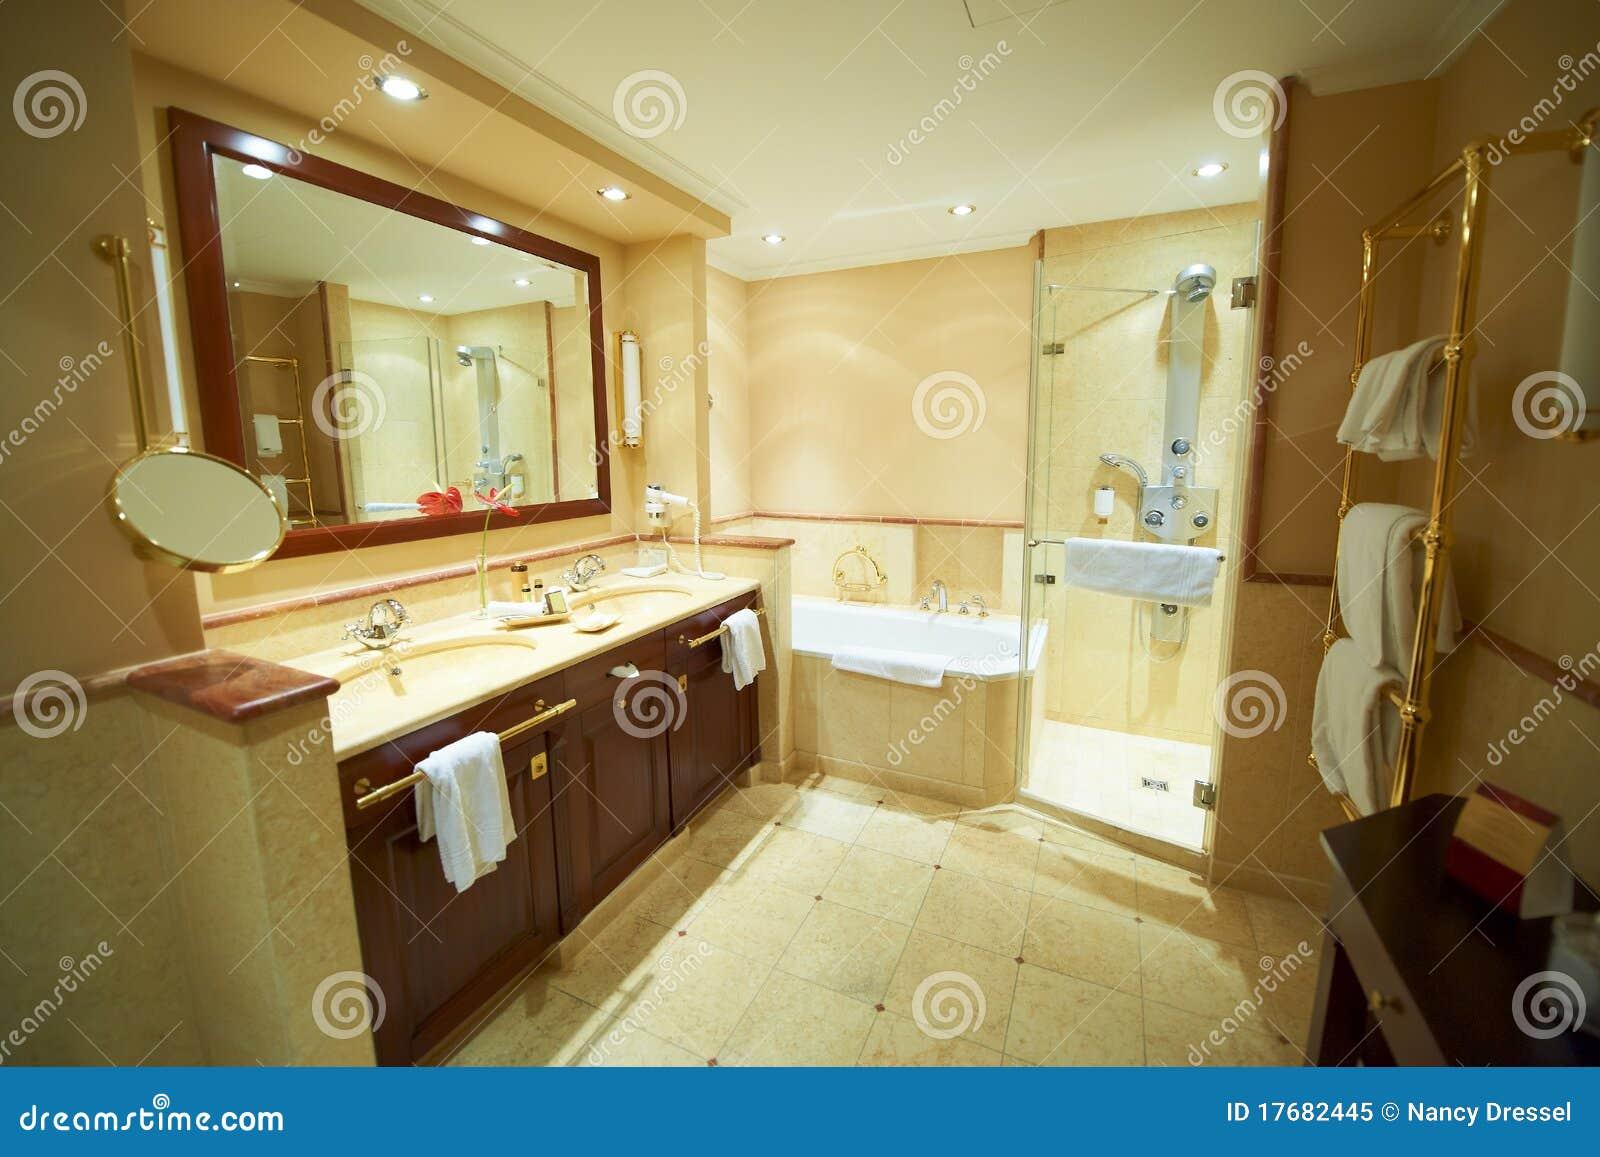 Salle de bains moderne photo libre de droits image 17682445 for Decoration des douches